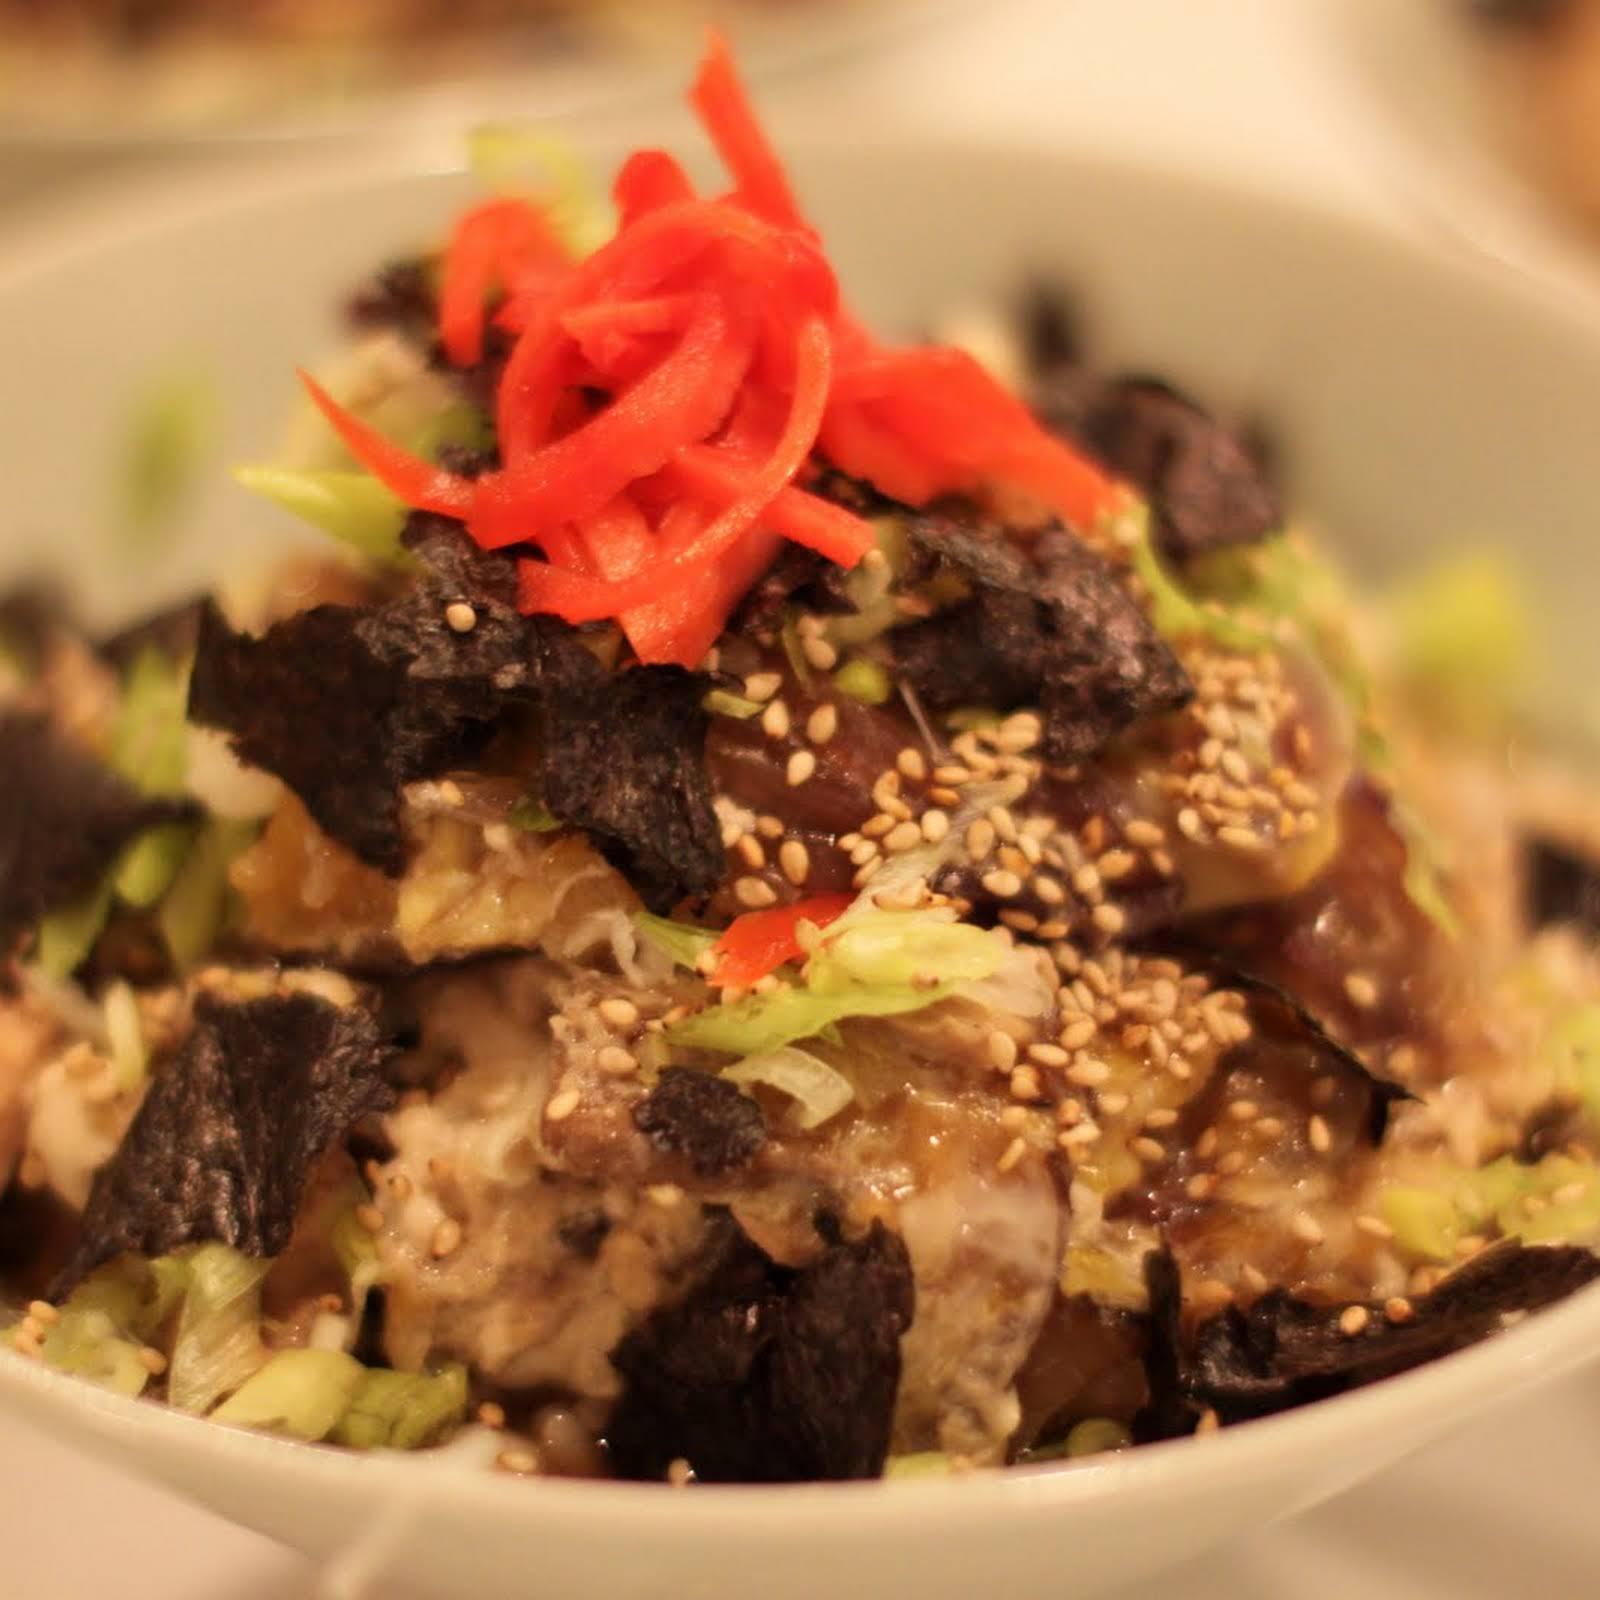 Chicken and Egg on Rice - Oyako Donburi